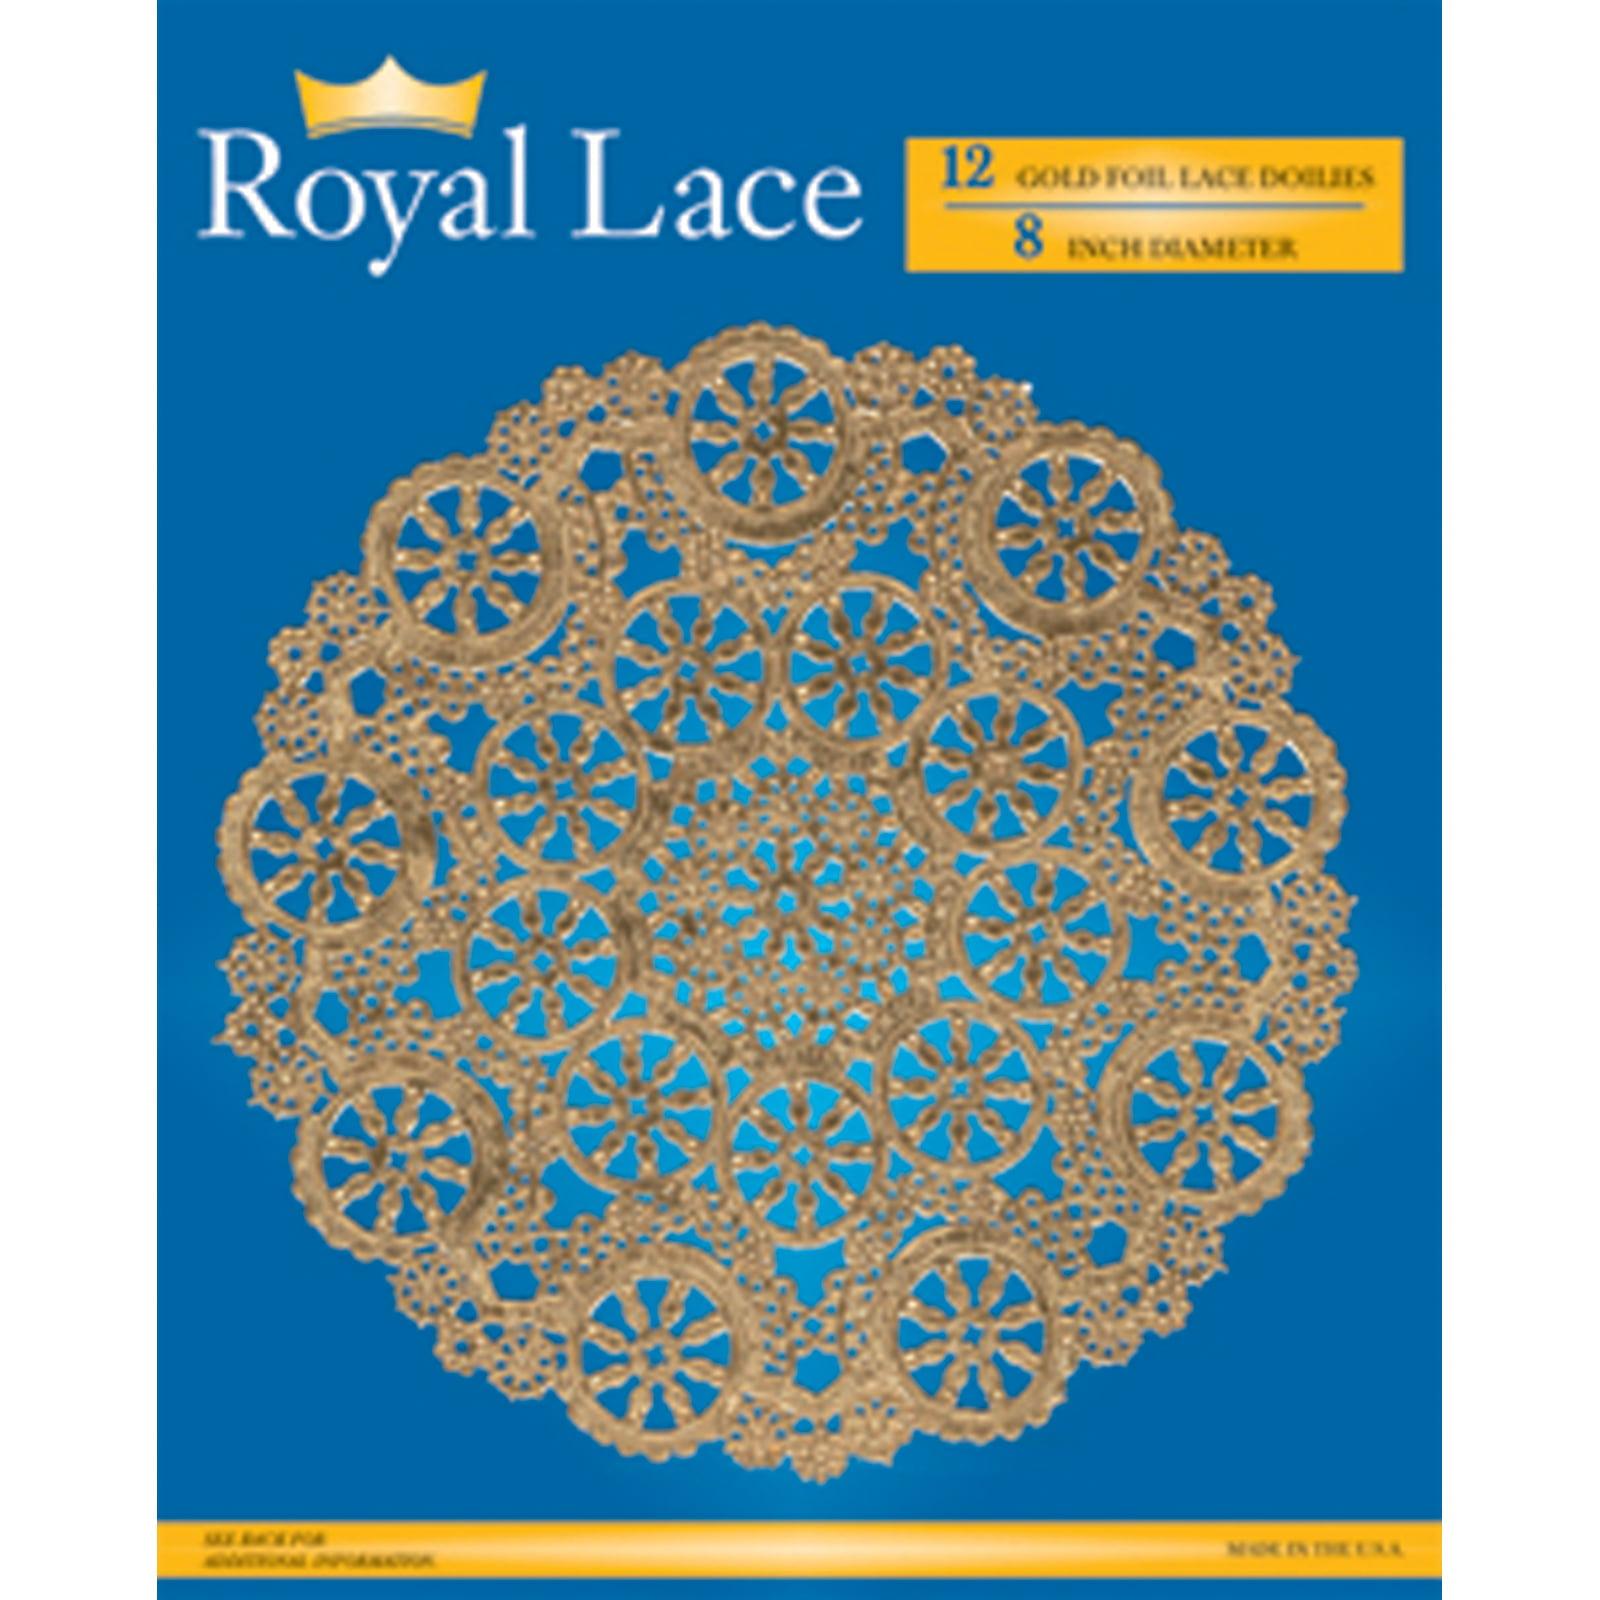 """Royal Lace Foil Lace Round Doilies, Gold, 8"""" - 12 ct"""